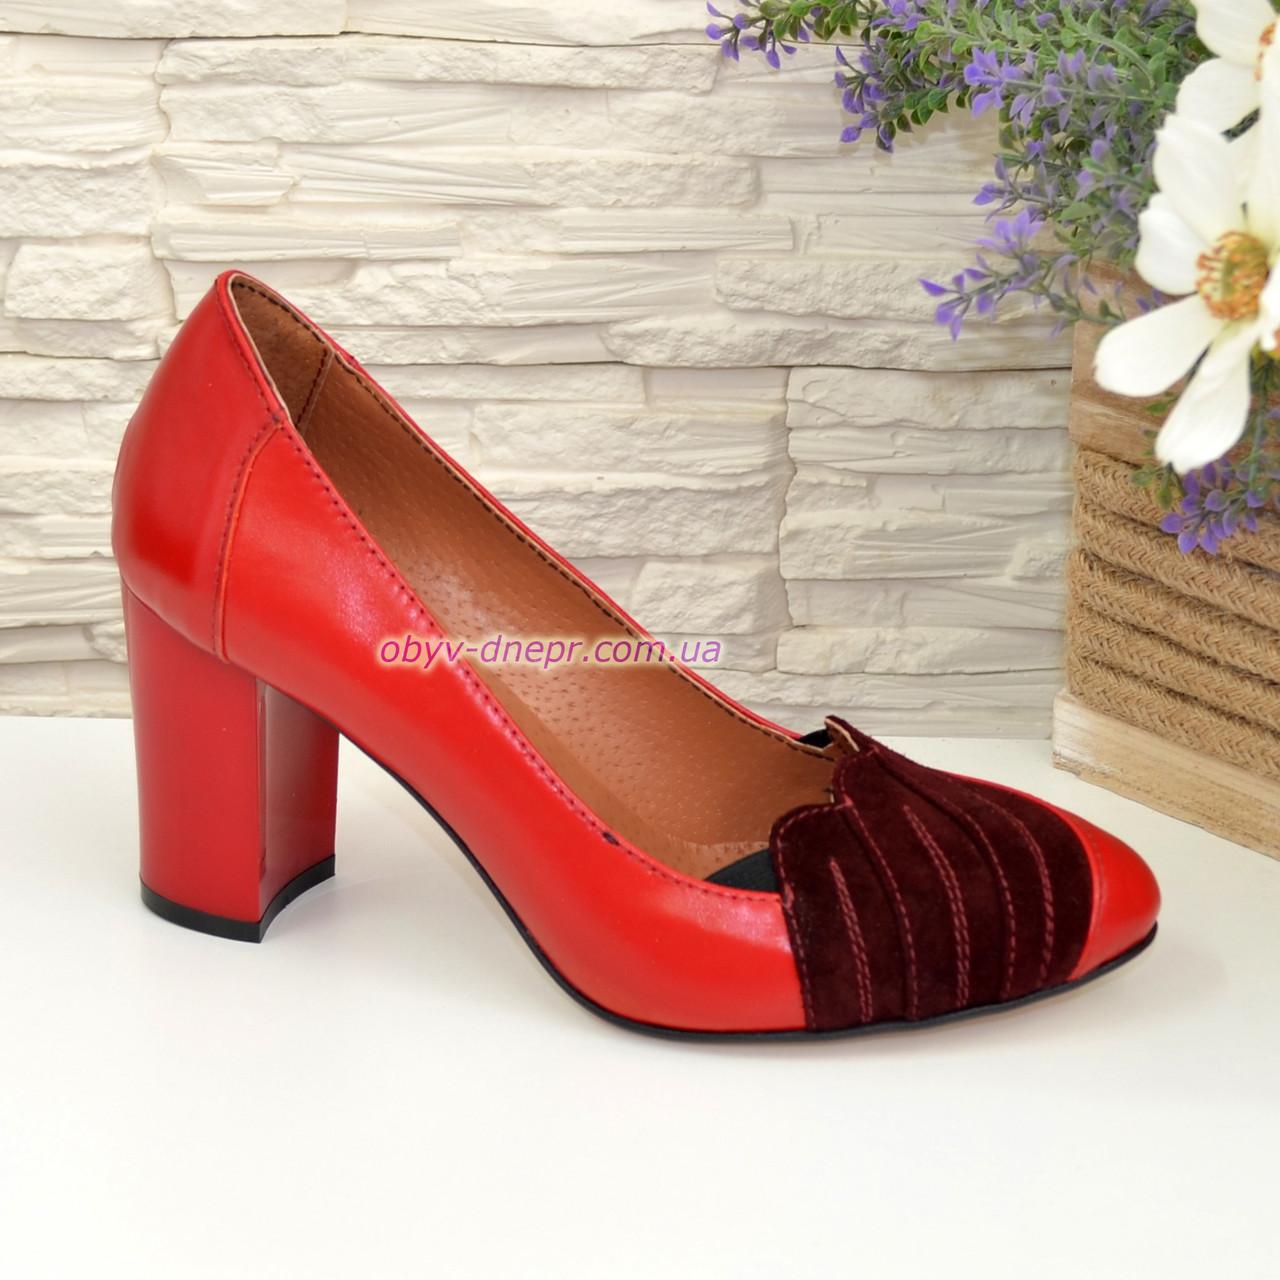 Туфли женские на каблуке, цвет красный/бордо